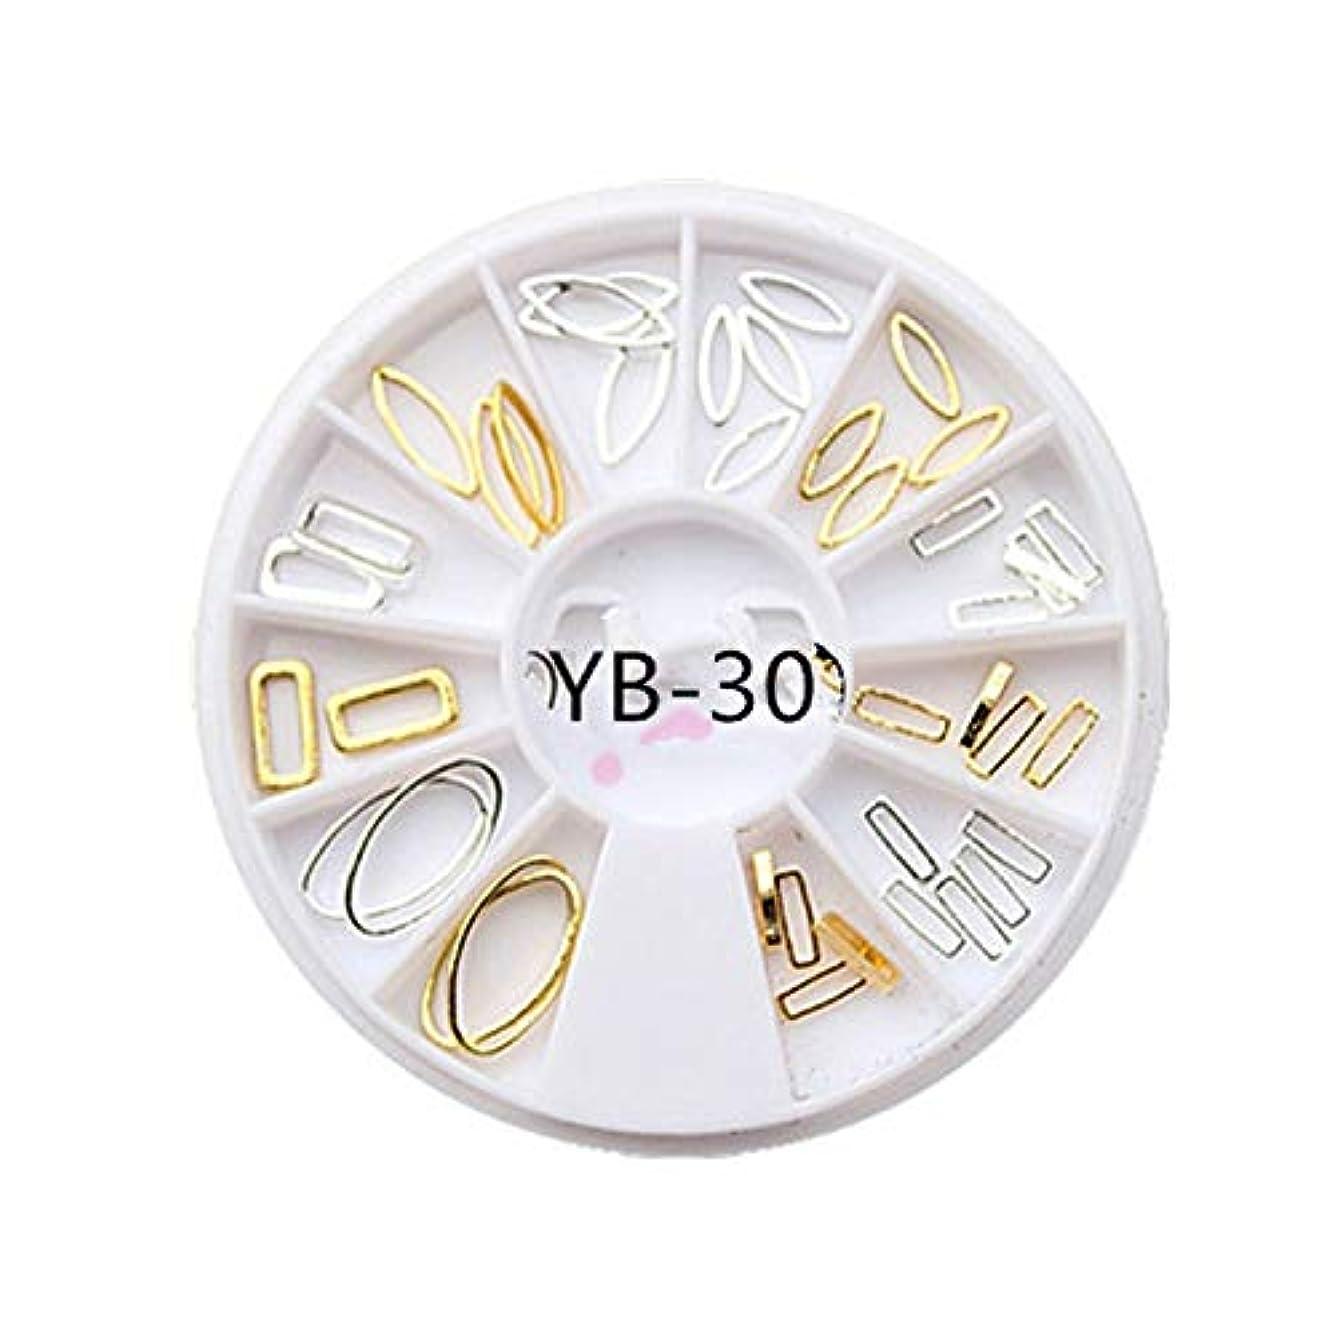 モック大置き場手足ビューティーケア 3ピースdiyマニキュアディスク飾りアーク金属リング不規則フレーム中空馬の目のリベット光線療法ネイルデコレーション (色 : YB-30)